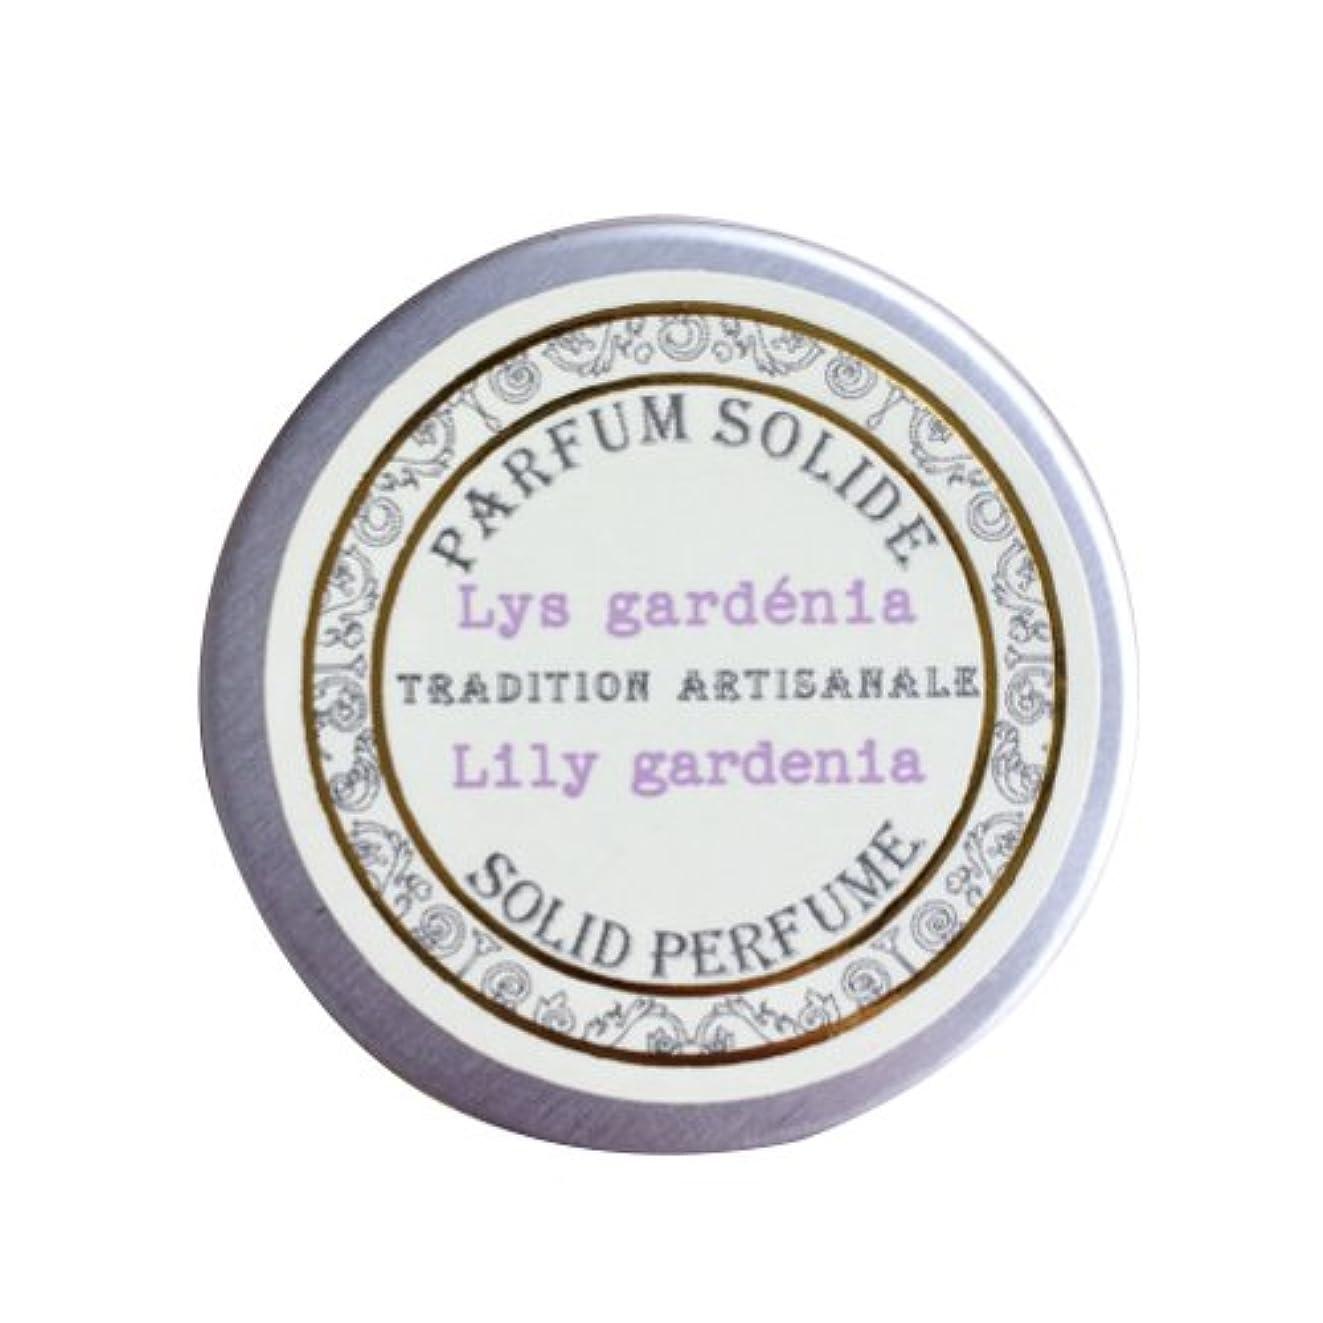 制限された請負業者社交的Senteur et Beaute(サンタールエボーテ) フレンチクラシックシリーズ 練り香水 10g 「リリーガーデニア」 4994228023070